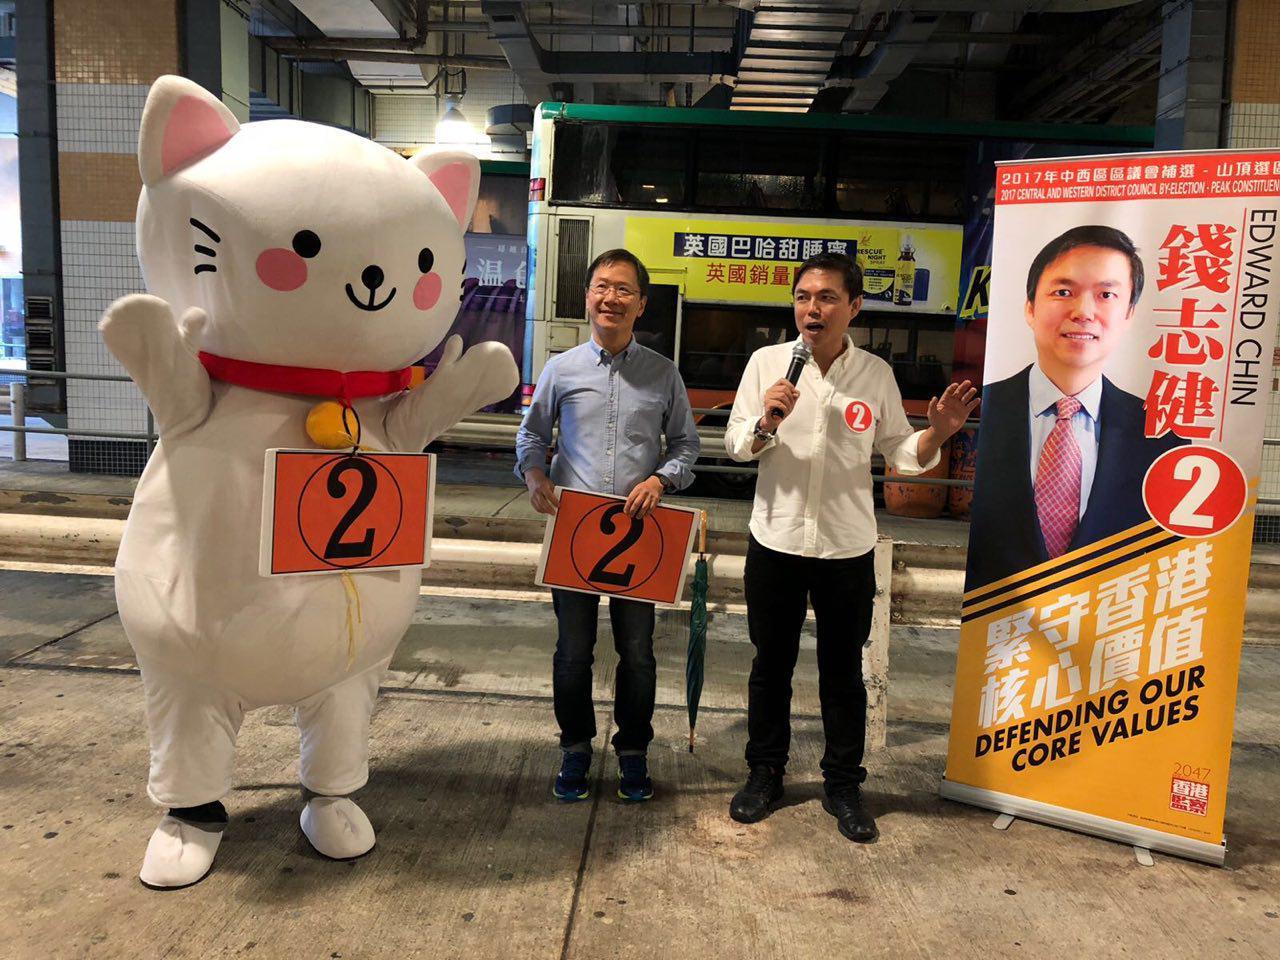 公民黨議員郭家麒到場支持。(錢志健提供)